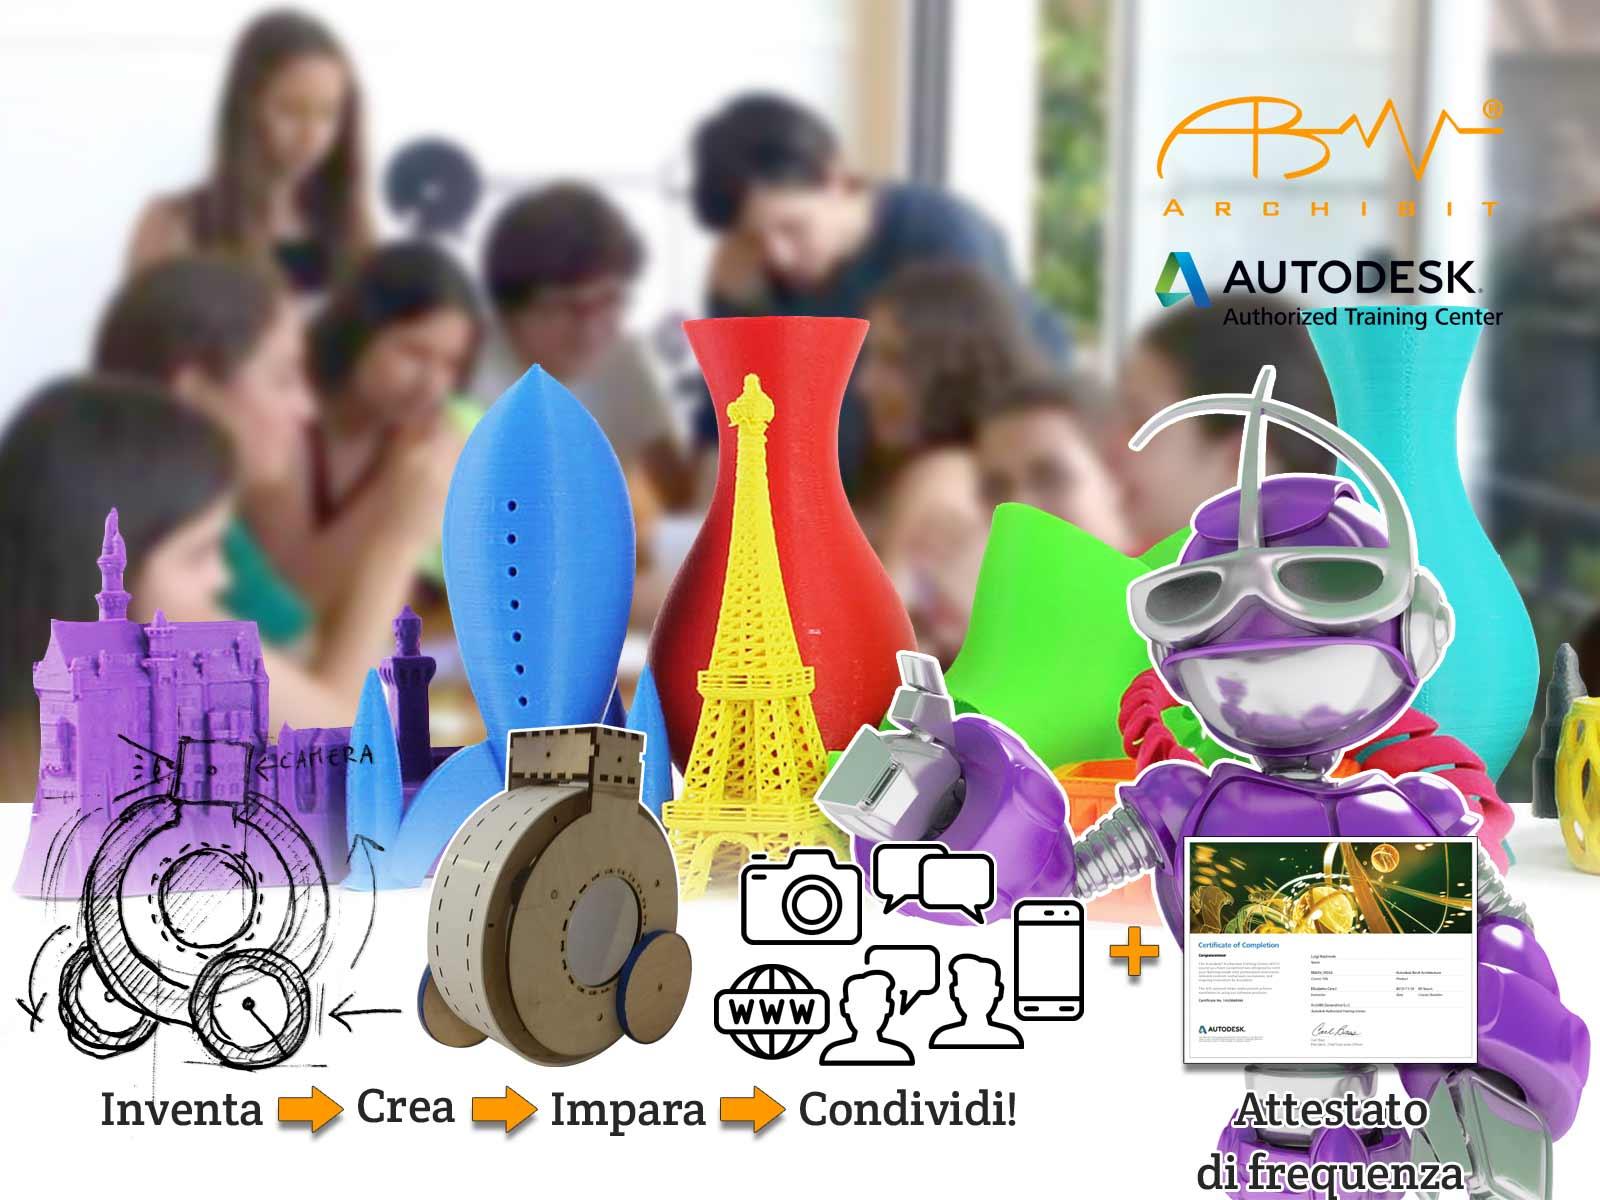 summer camp hi tech stampa 3d e maker per ragazzi e ragazze - archibit centro corsi grafica summercamp roma nord